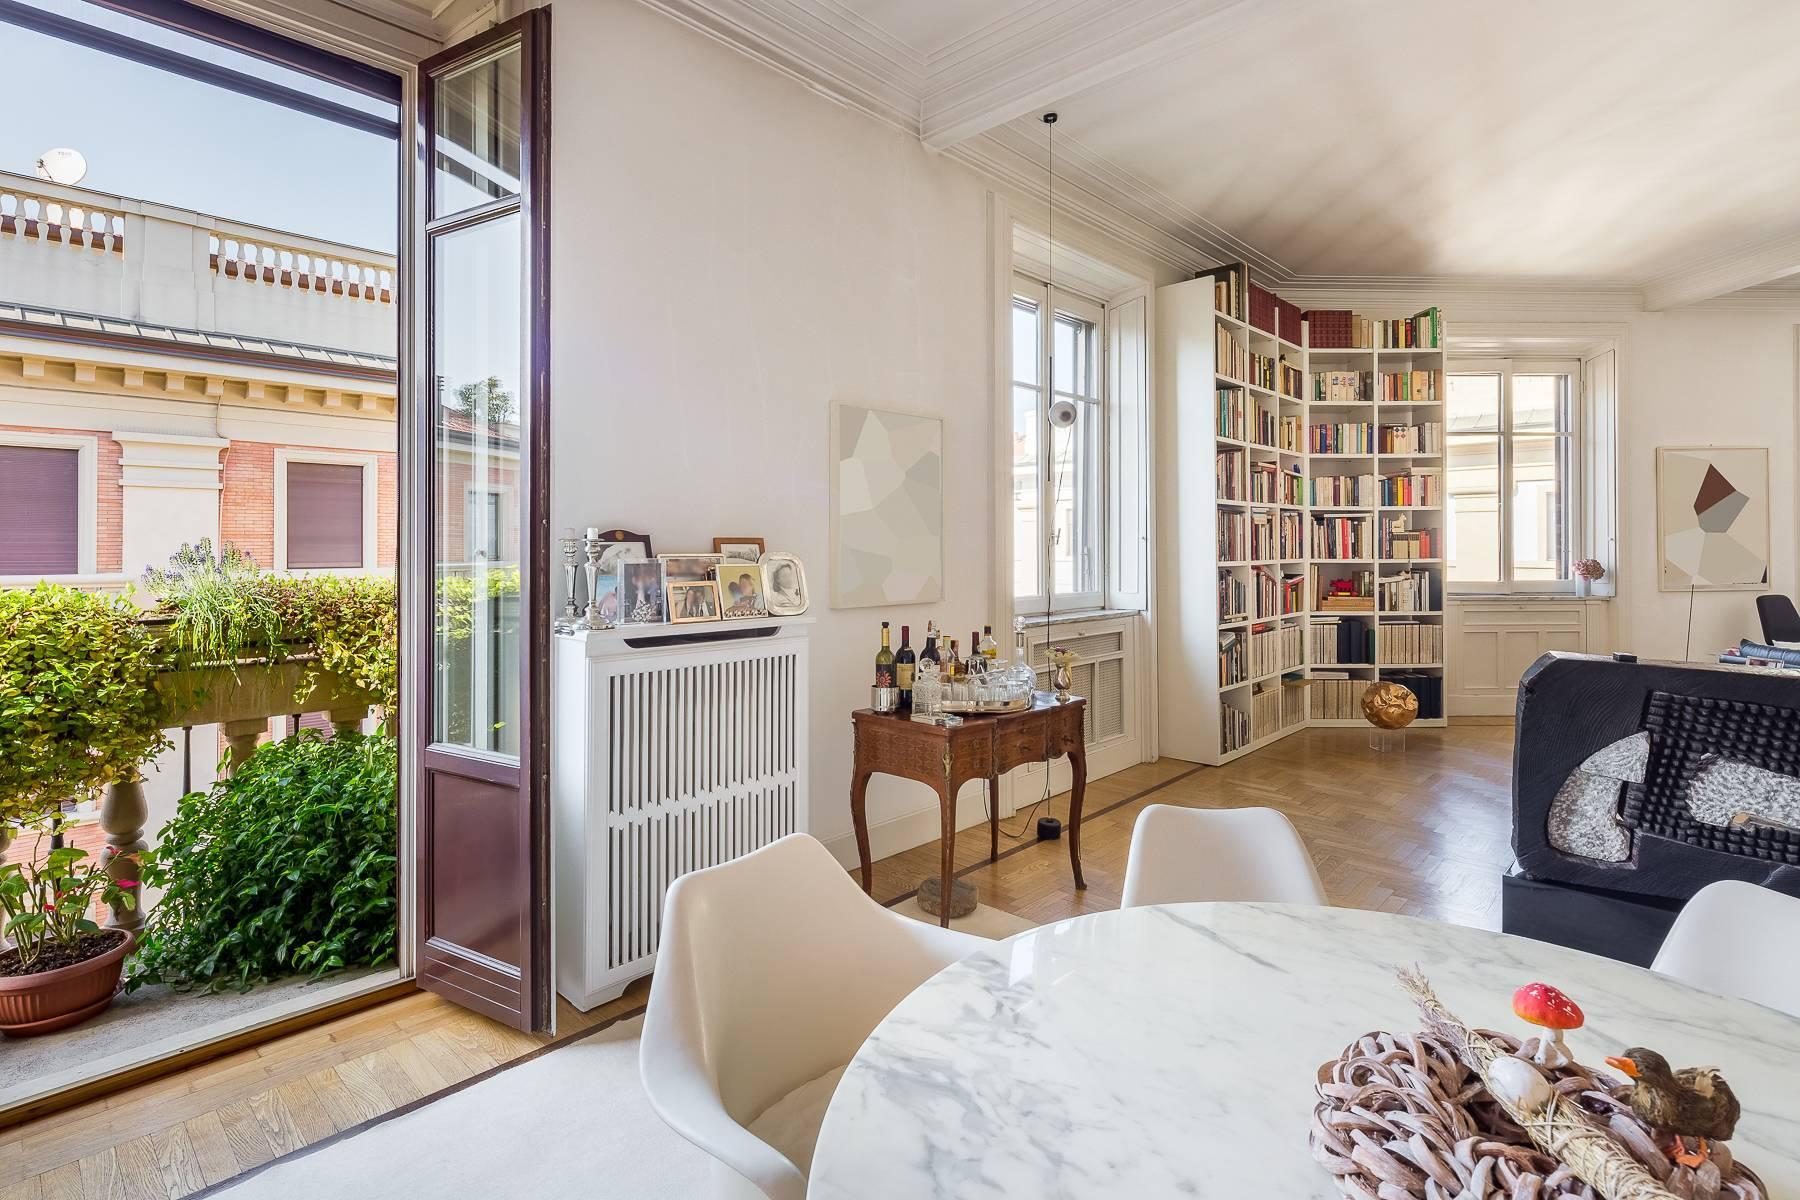 Appartamento esclusivo di 200 mq in nuda proprietà in un palazzo d'epoca - 2